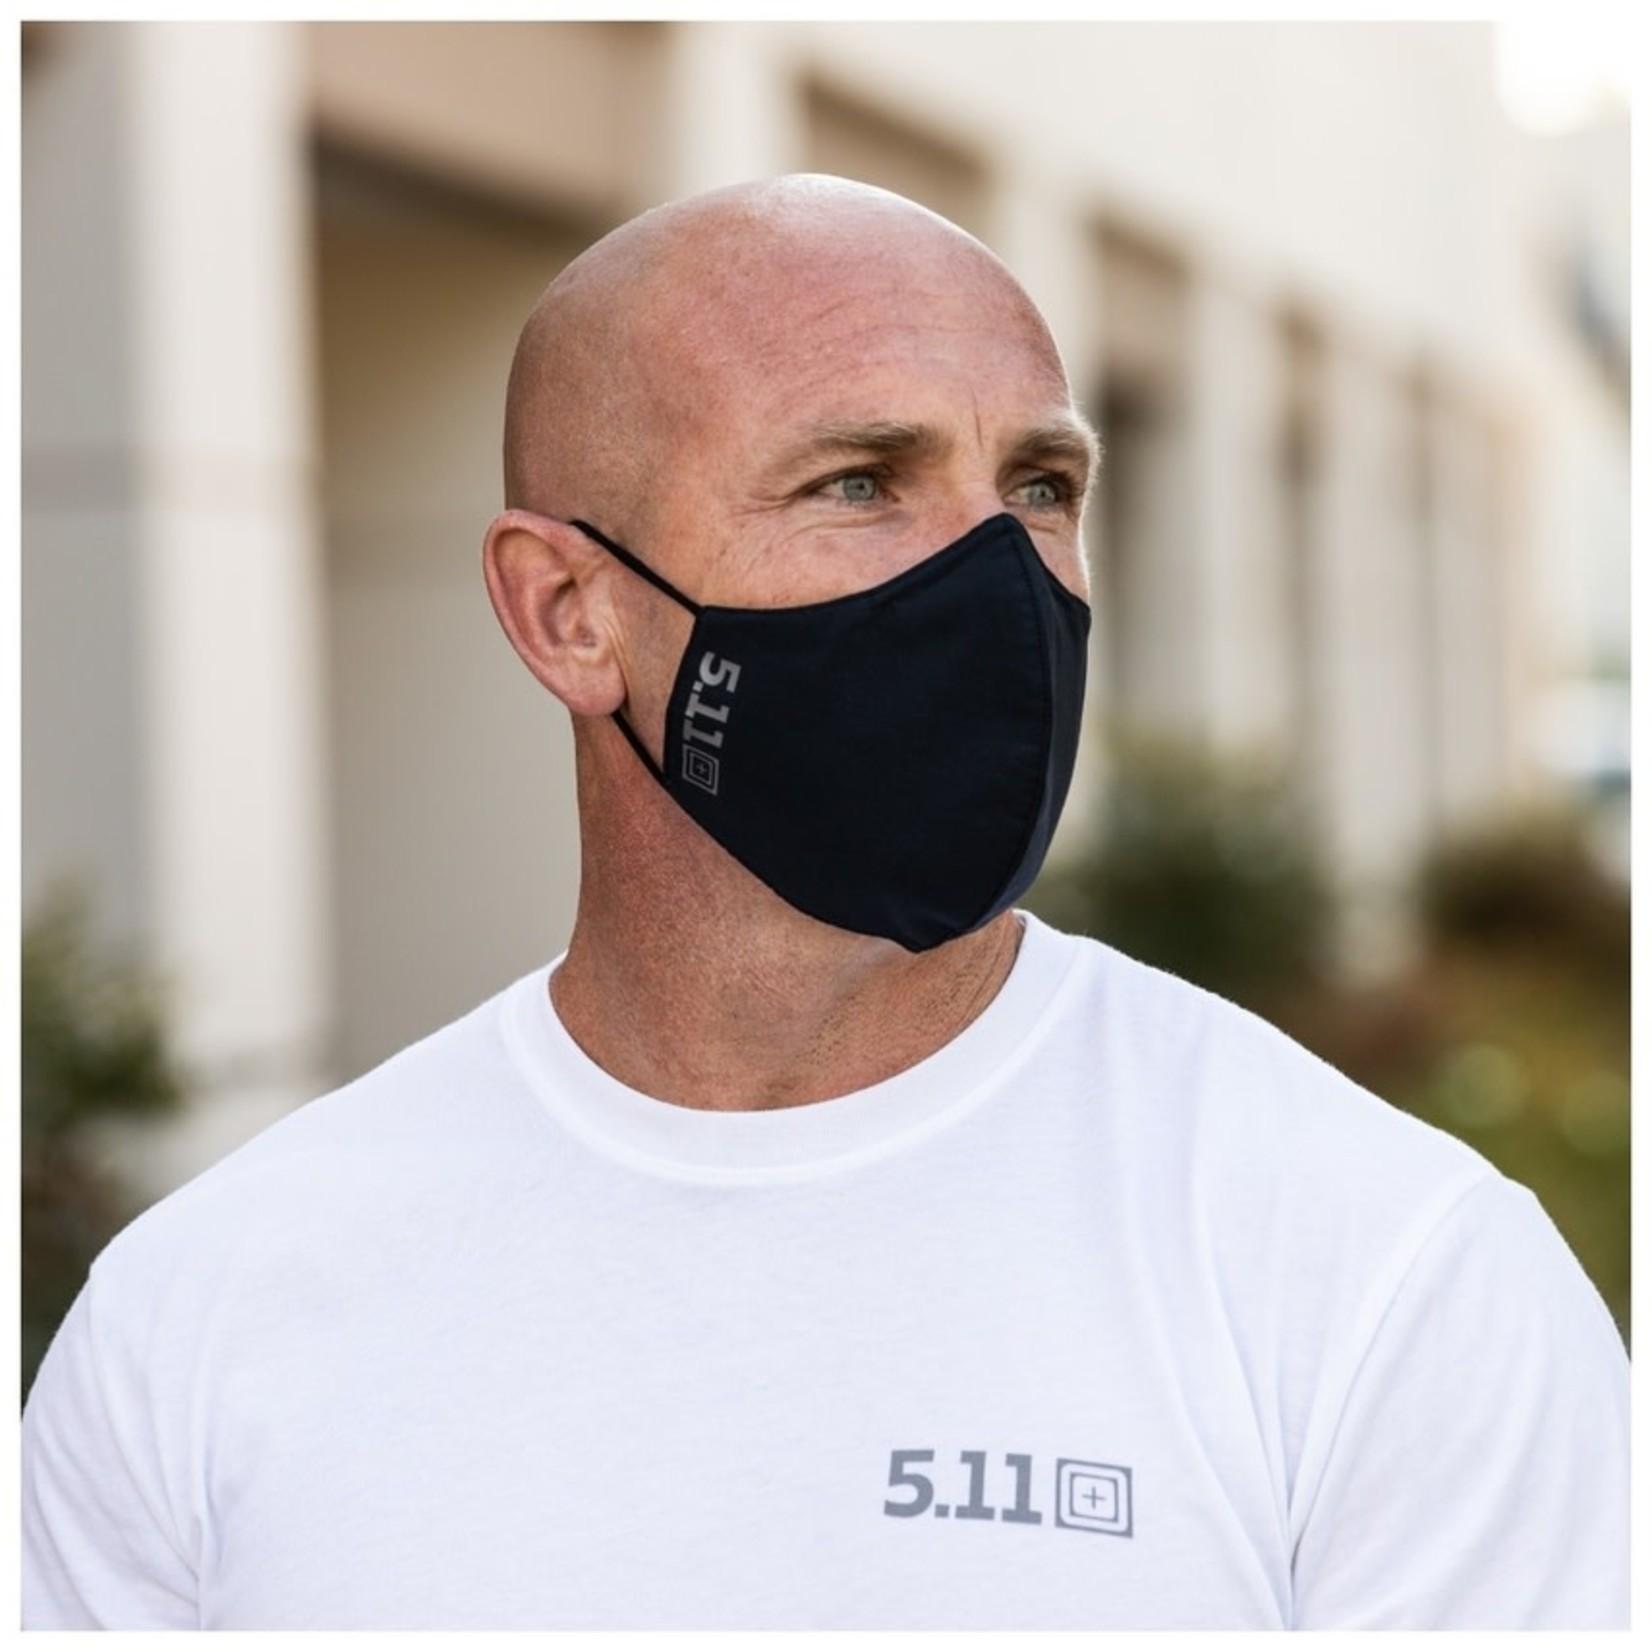 5.11 Tactical 5.11 Comfort Mask